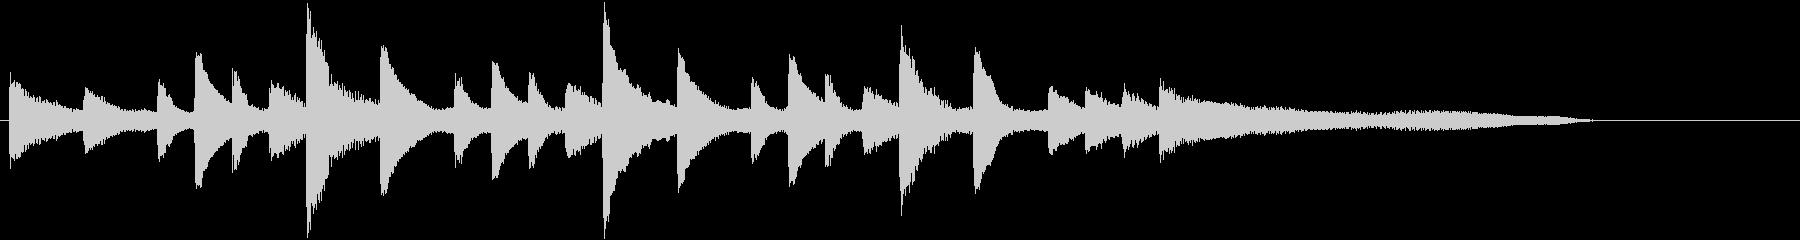 透き通った音色で優しい冬のピアノジングルの未再生の波形